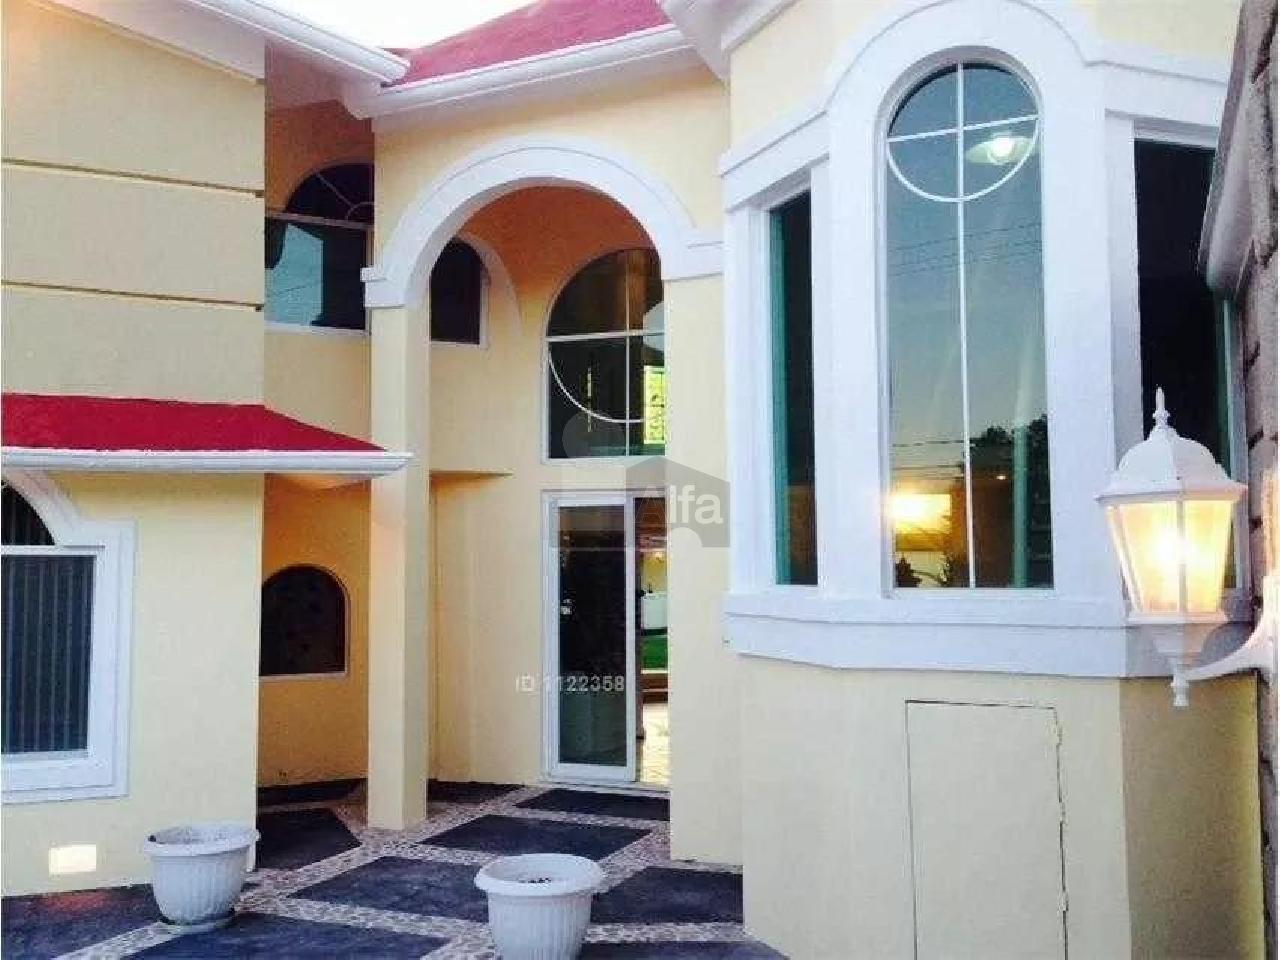 Casa en renta en juriquilla goplaceit for Casas en renta en queretaro